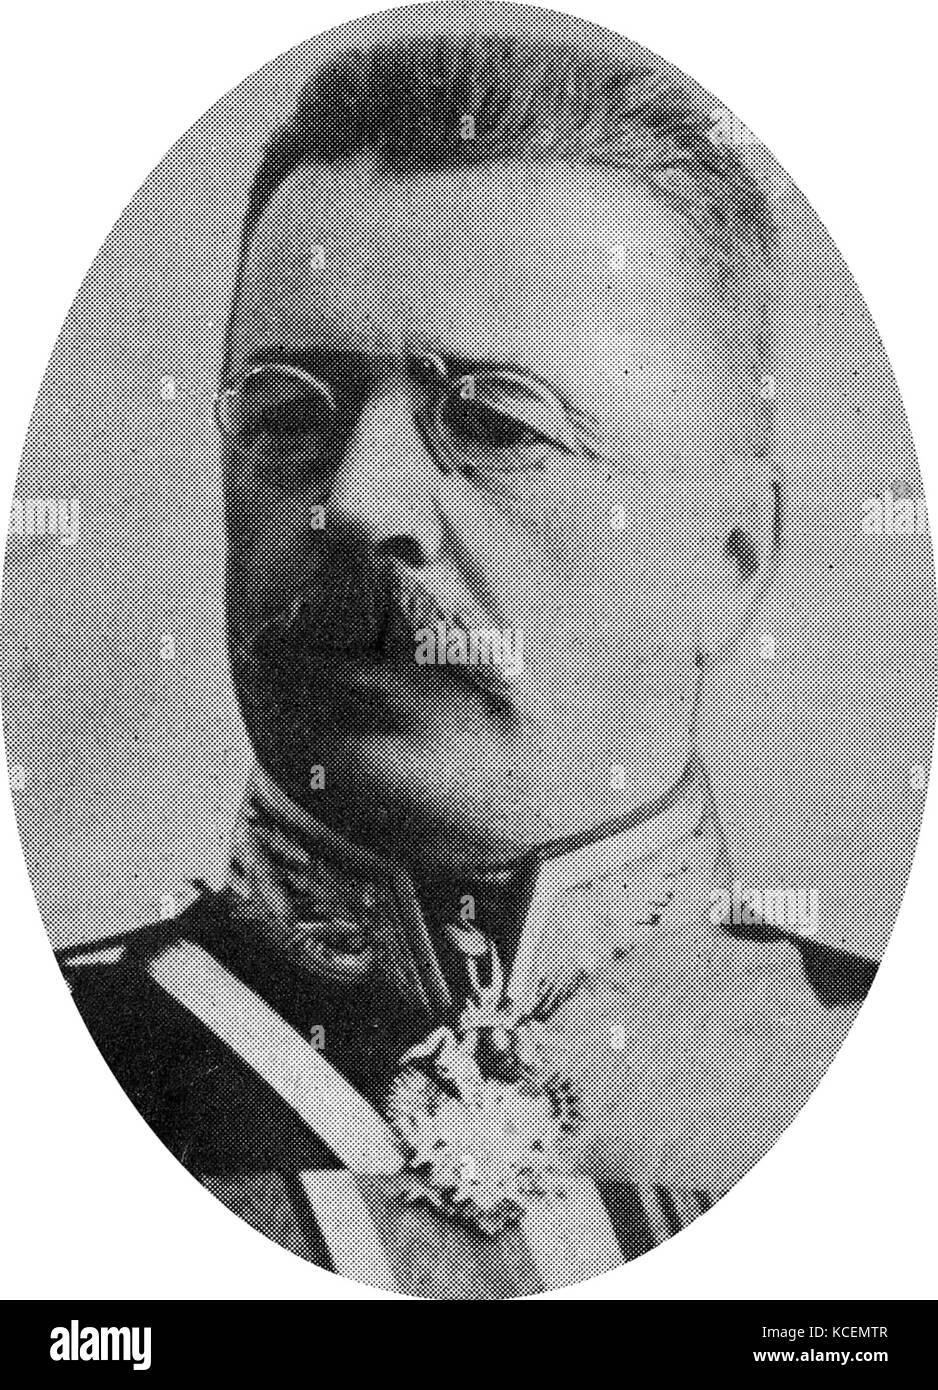 Nikolai Vladimirovich Russki (1854 - 18 October 1918), Russian army General. - Stock Image